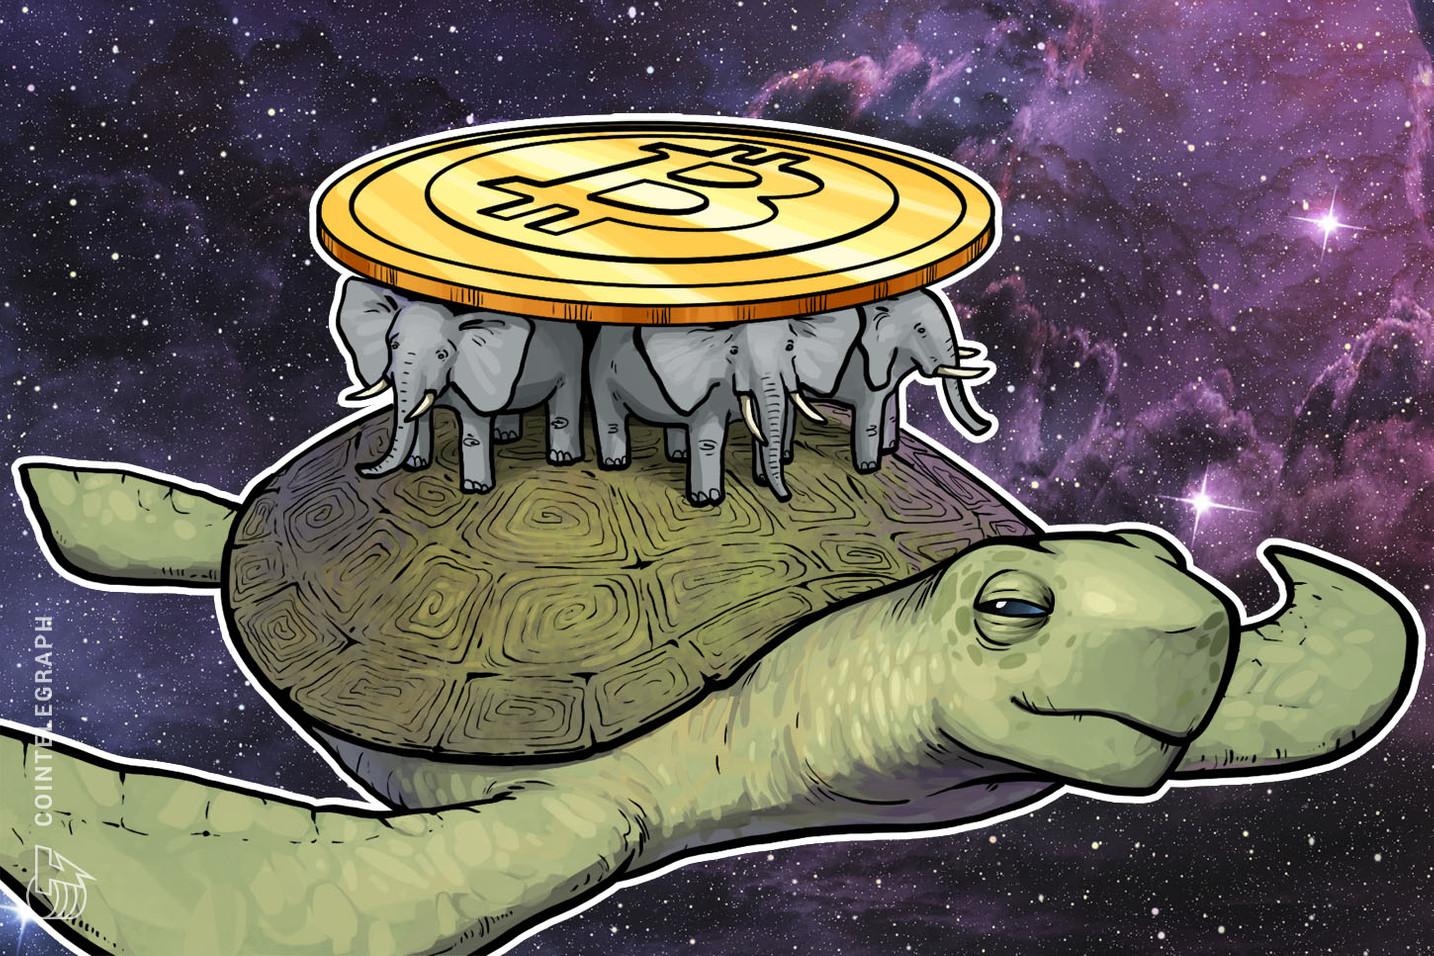 Bitcoins Volatilität könnte ihren Tiefpunkt erreicht haben - so der Präsident von Blue Line Futures